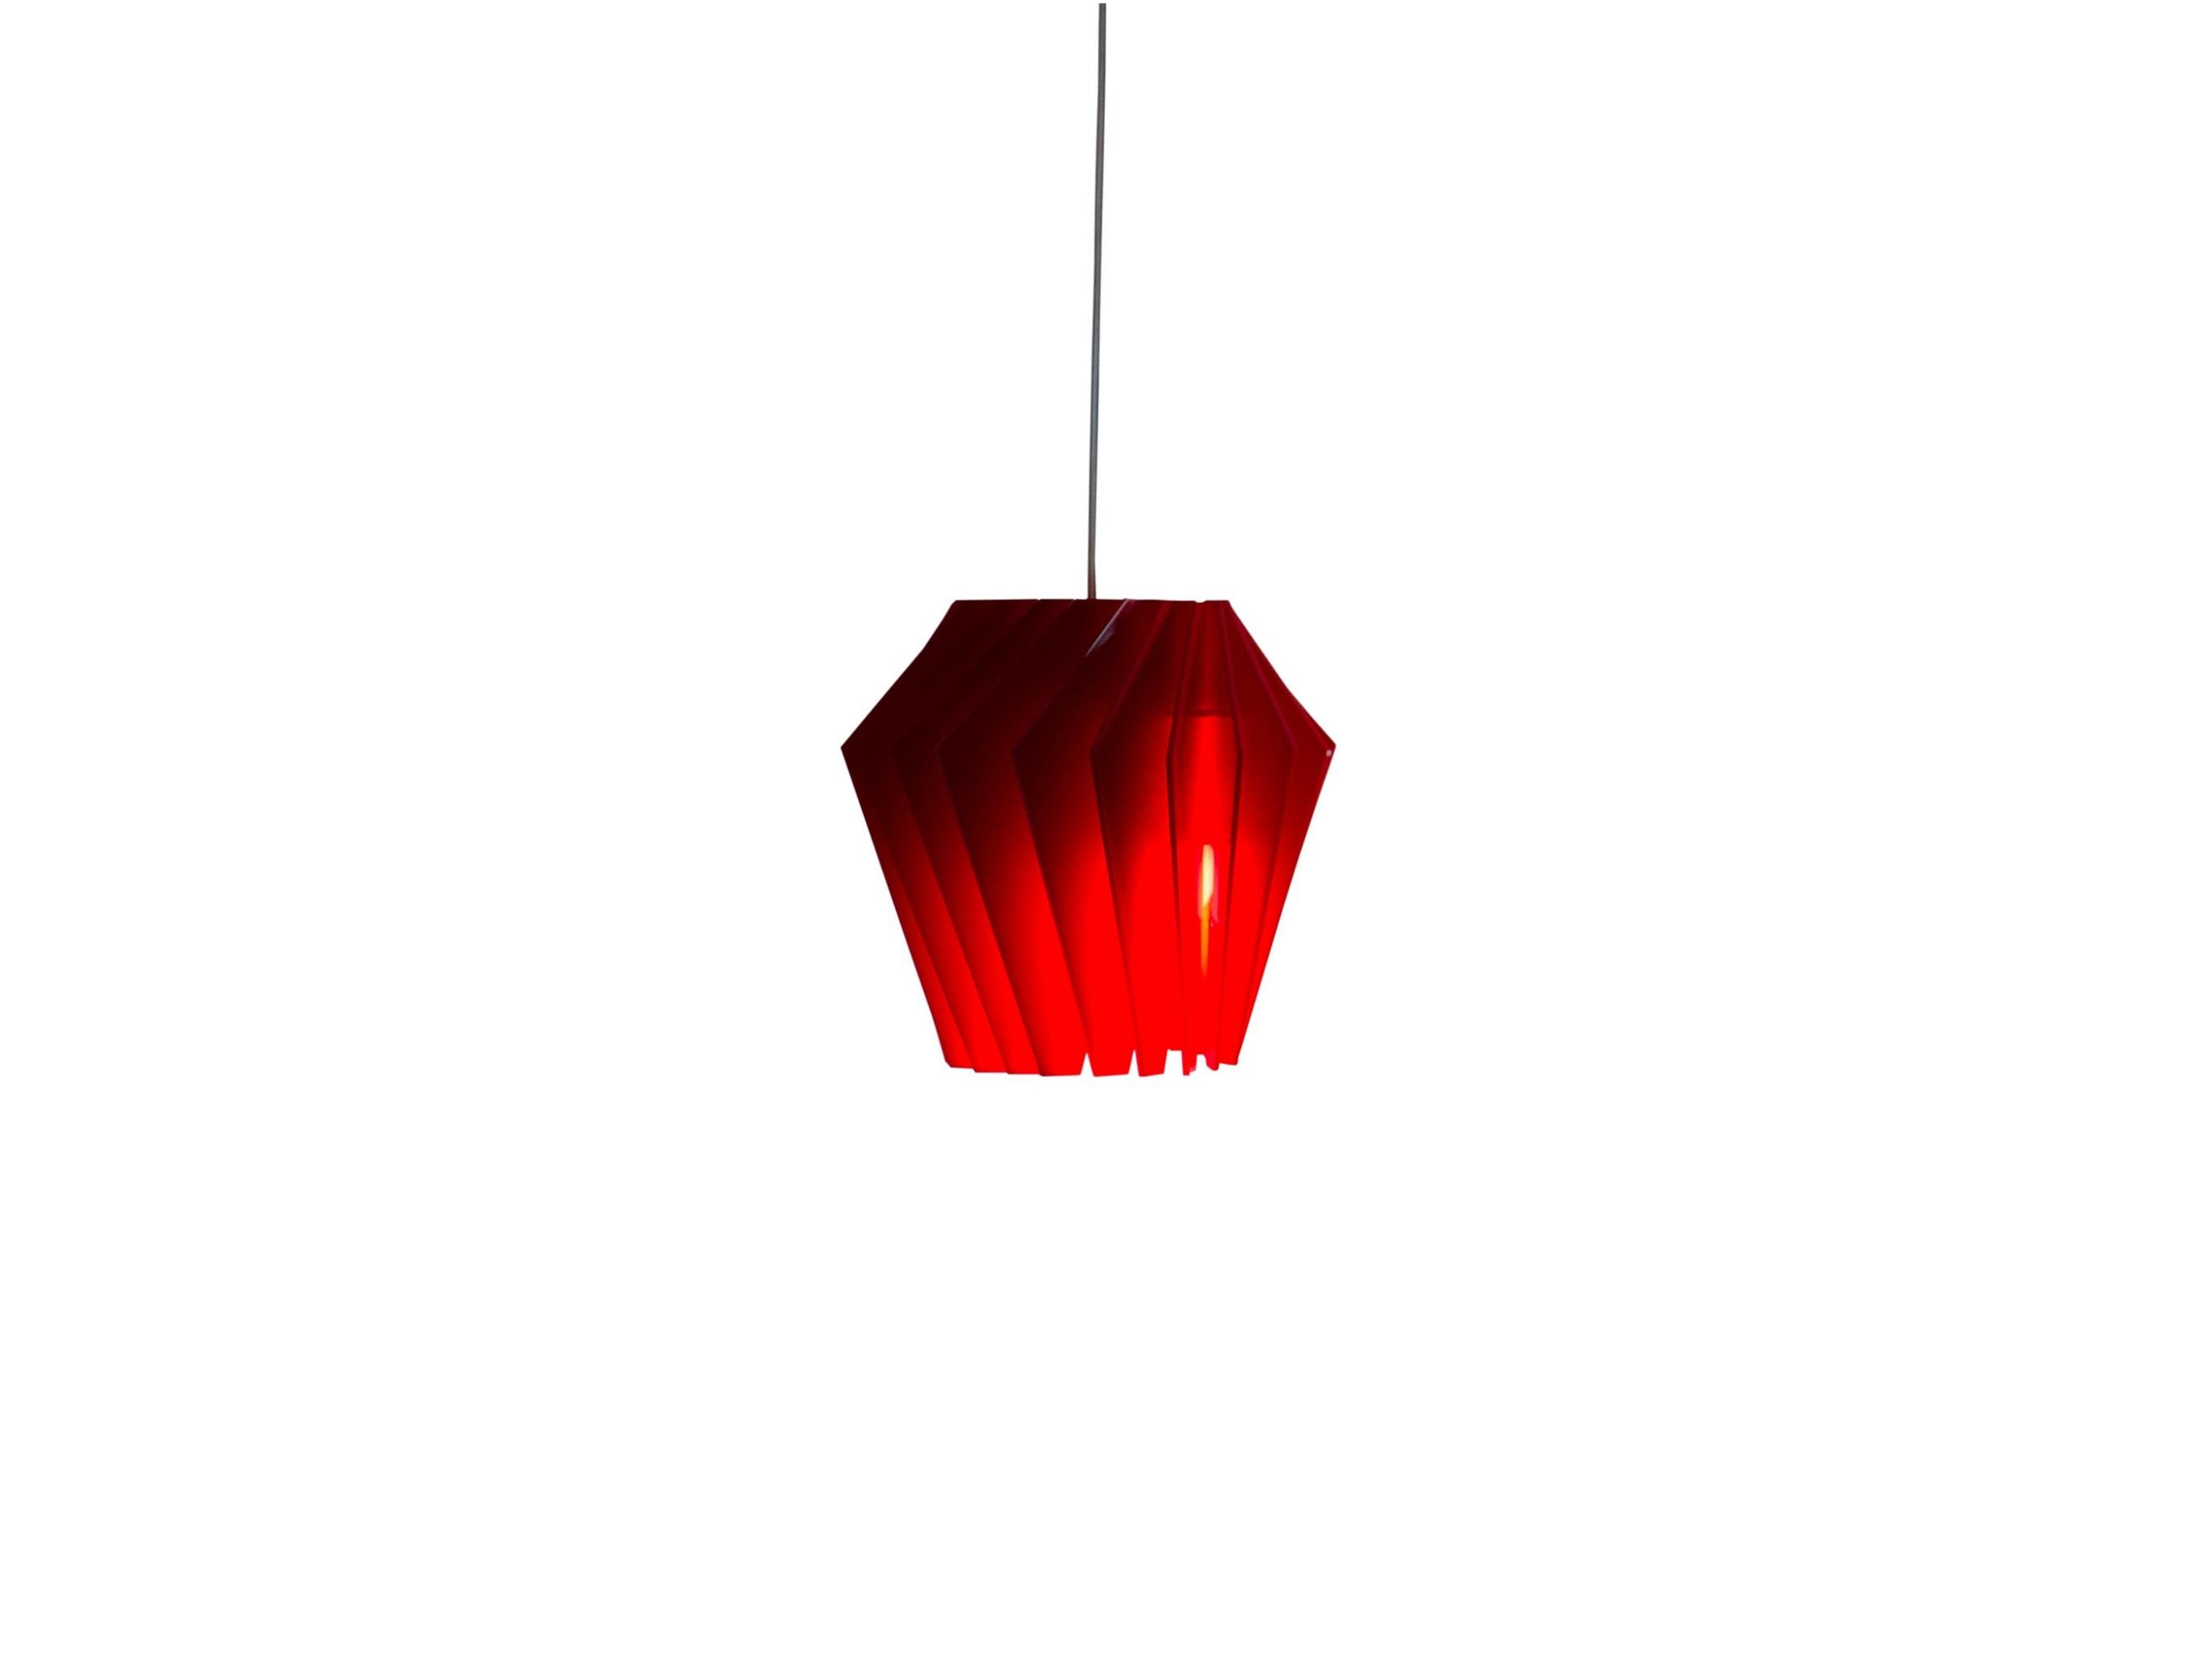 Подвесной светильник ТурболампаПодвесные светильники<br>Стильный, дизайнерский светильник глубокого красного цвета украсит любой современный интерьер, добавит необходимые световые акценты, а также создаст неповторимую атмосферу.  Пластины изготовлены из акрилового стекла Plexiglas и скреплены между собой специальными пазами и образуют игривую, как будто двигающуюся комбинацию. <br>Для производства применяются высококачественные комплектующие европейских производителей электрооборудования.&amp;amp;nbsp;&amp;lt;div&amp;gt;&amp;lt;br&amp;gt;&amp;lt;/div&amp;gt;&amp;lt;div&amp;gt;Вид цоколя: Е27<br>Мощность:  9 Вт<br>Количество ламп:  1&amp;amp;nbsp;&amp;lt;/div&amp;gt;&amp;lt;div&amp;gt;&amp;lt;div&amp;gt;Вид цоколя: E27&amp;lt;/div&amp;gt;&amp;lt;div&amp;gt;Мощность: &amp;amp;nbsp;9W&amp;amp;nbsp;&amp;lt;/div&amp;gt;&amp;lt;div&amp;gt;Количество ламп: 1 (нет в комплекте)&amp;lt;/div&amp;gt;&amp;lt;/div&amp;gt;&amp;lt;div&amp;gt;Внимание! Допускается использование только светодиодных или энергосберегающих ламп мощностью не более 9 Вт.&amp;amp;nbsp;&amp;lt;/div&amp;gt;<br><br>Material: Стекло<br>Высота см: 26